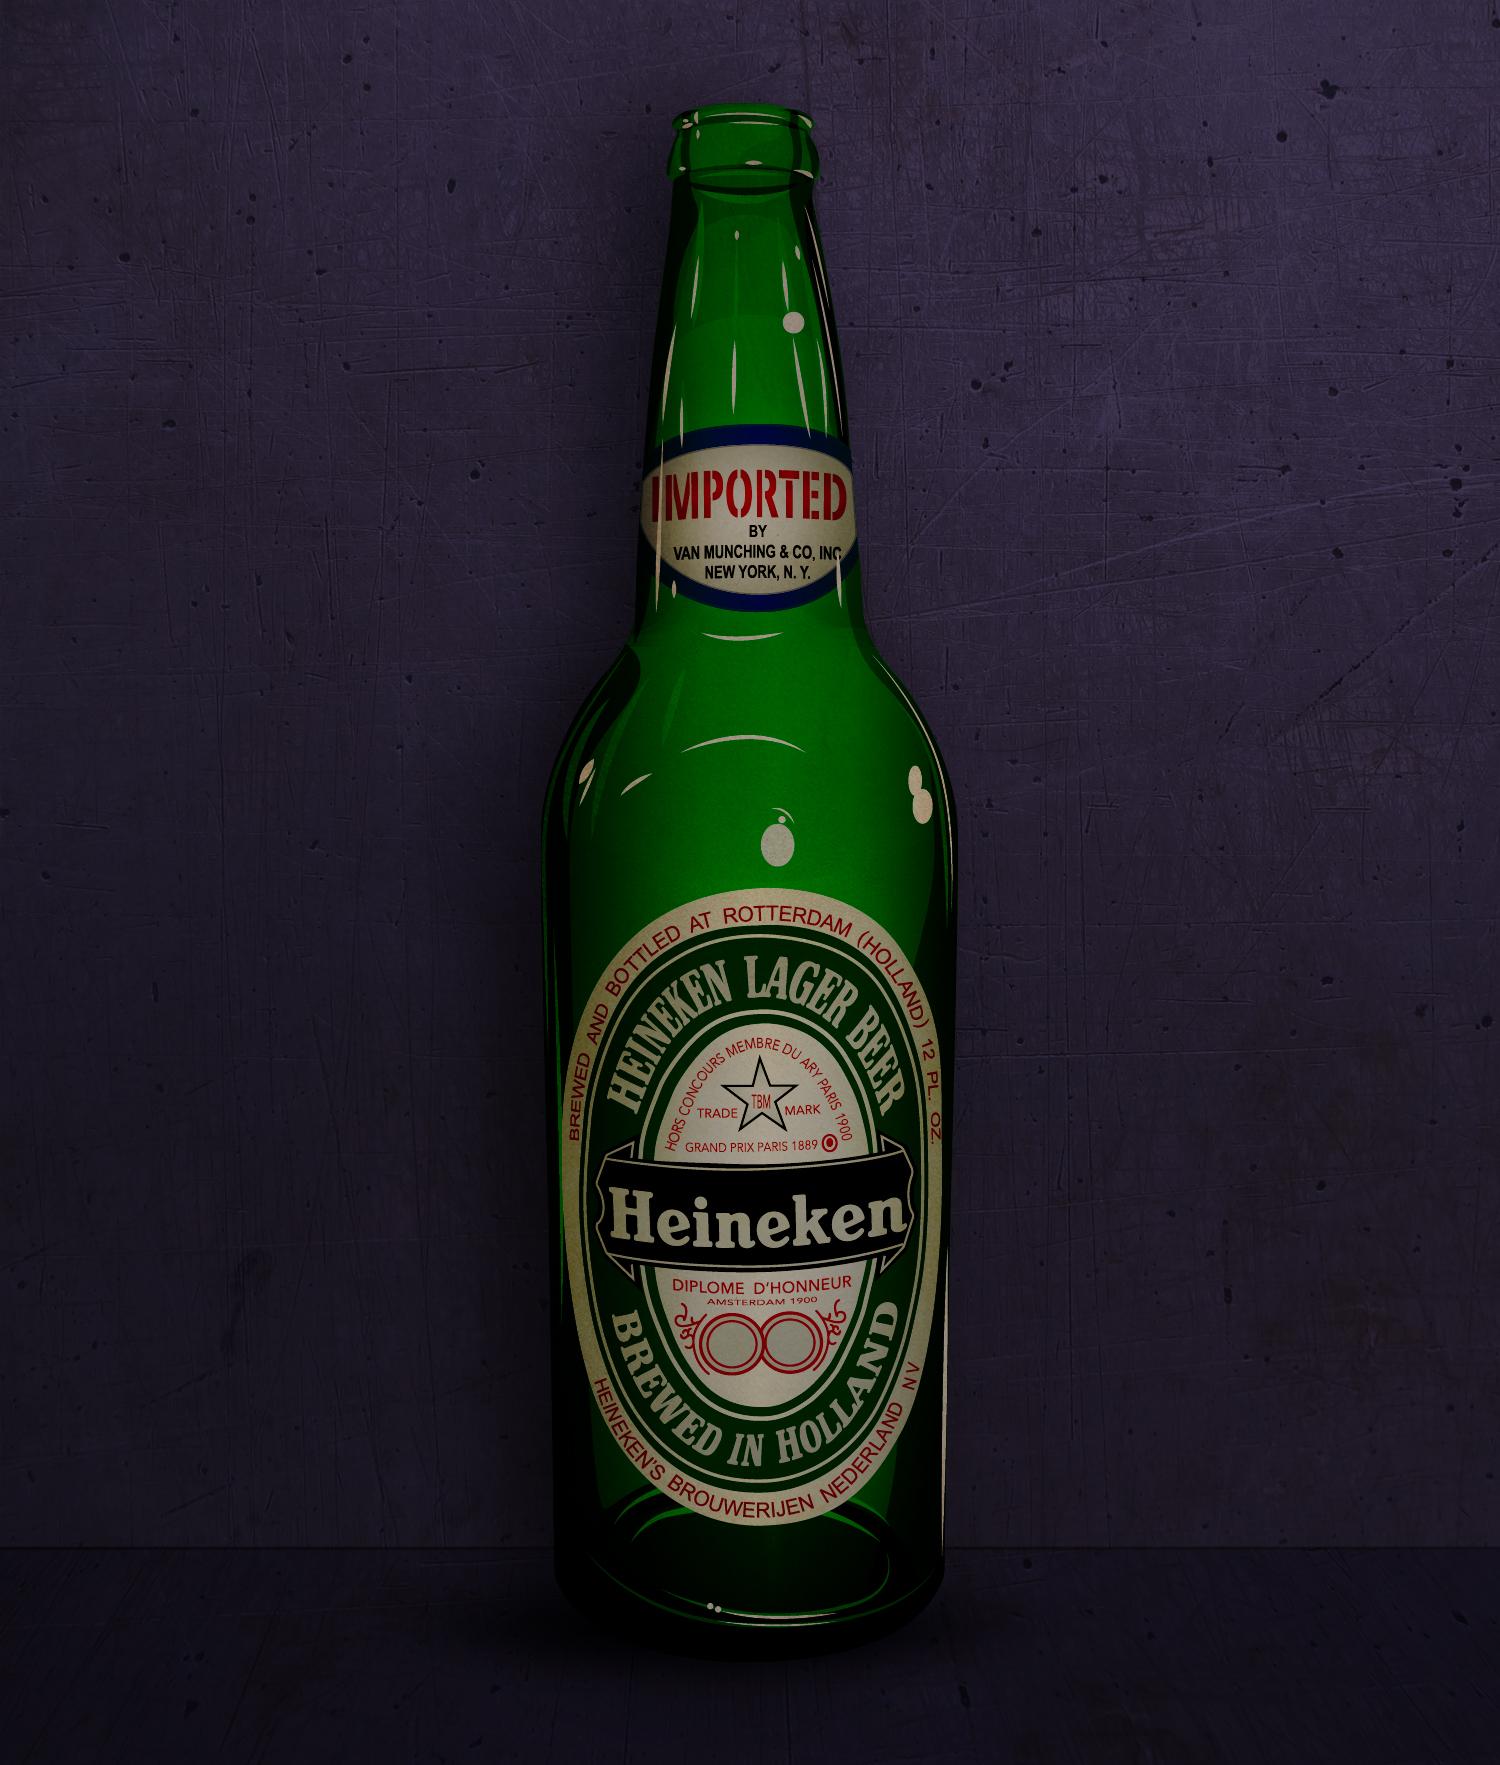 1960-tallet Heineken reklame